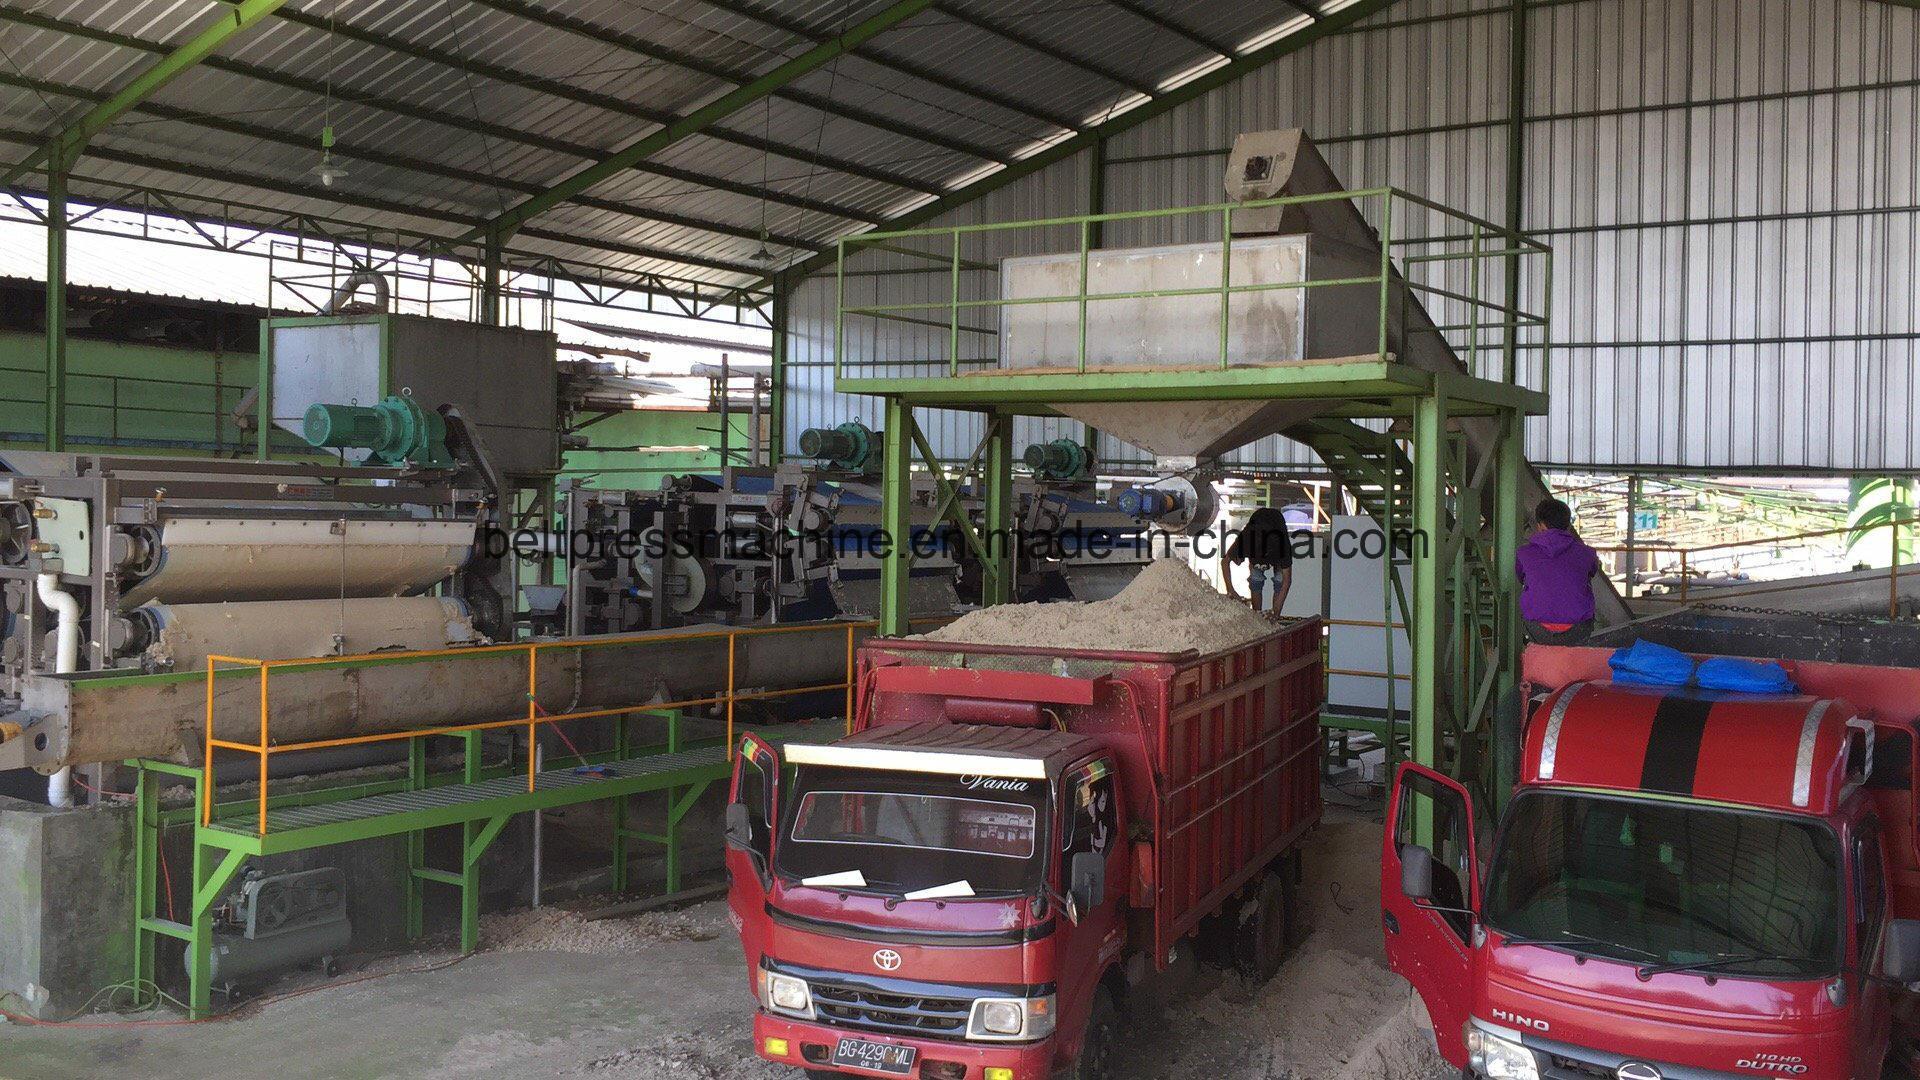 Riemen-Presse-Filter für die überschüssige Tapioka-/Manioka-Massen-Entwässerung